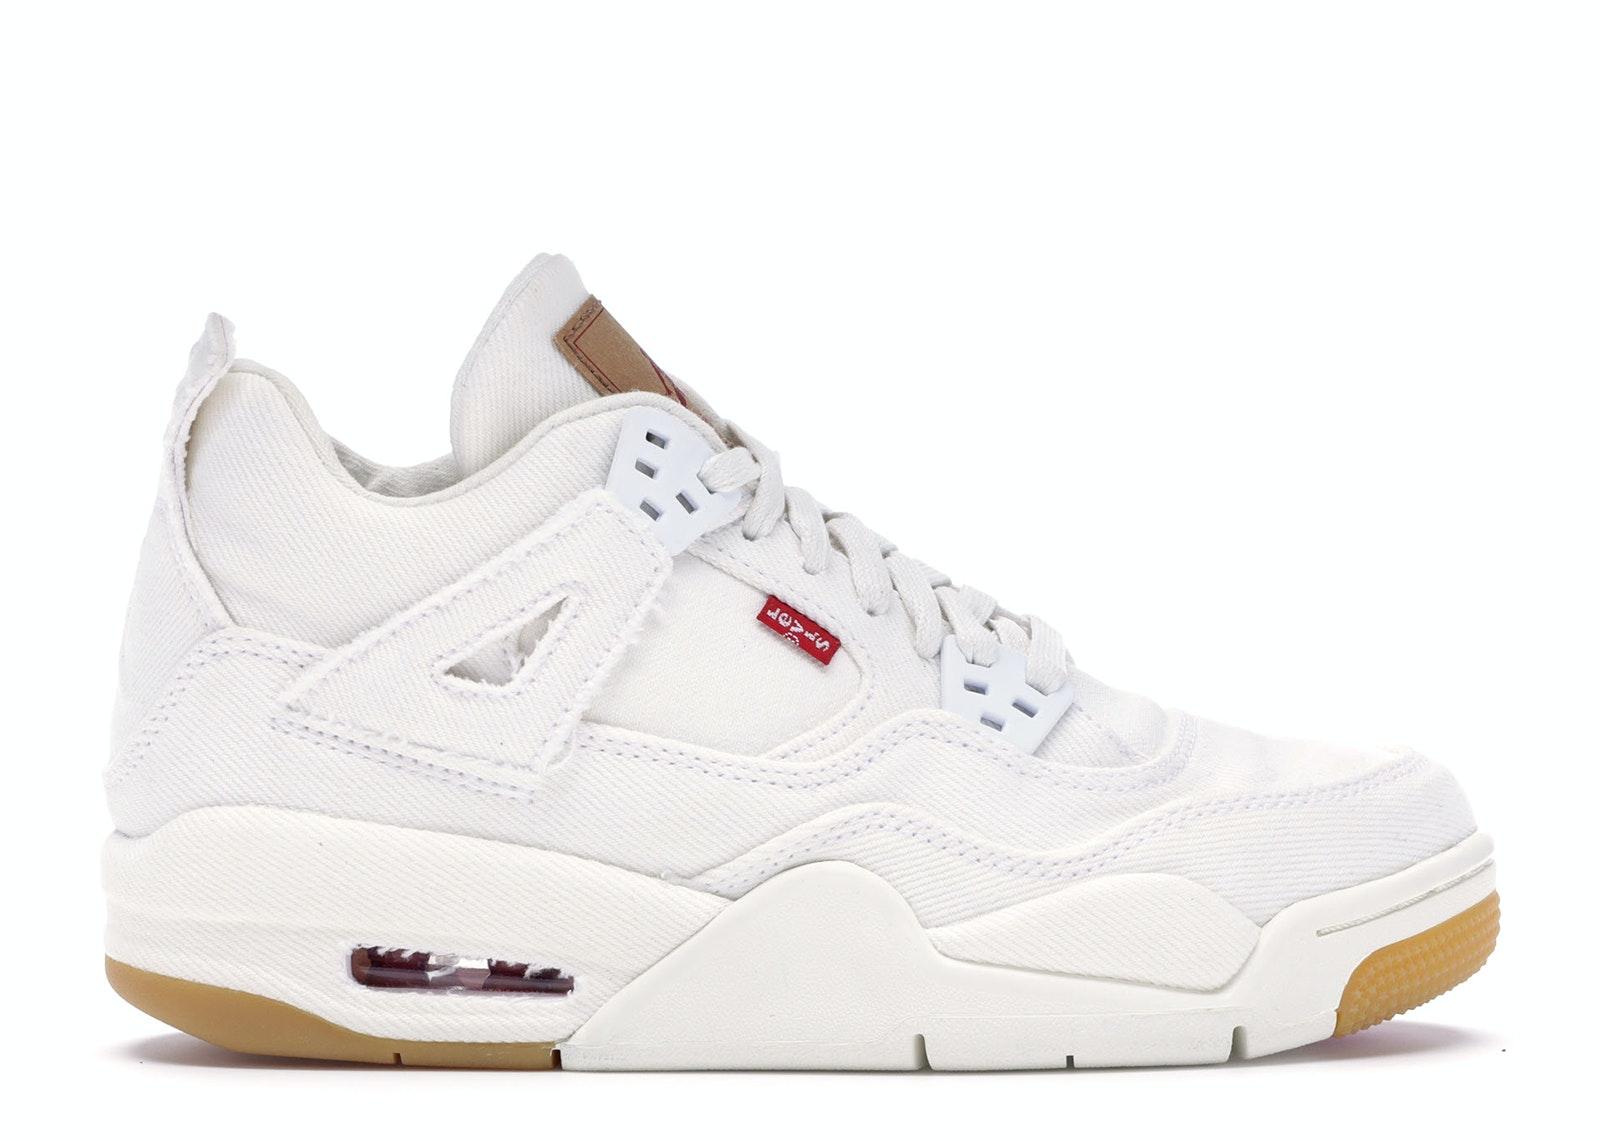 Jordan 4 Retro Levi's White (GS) (Levi's Tag)